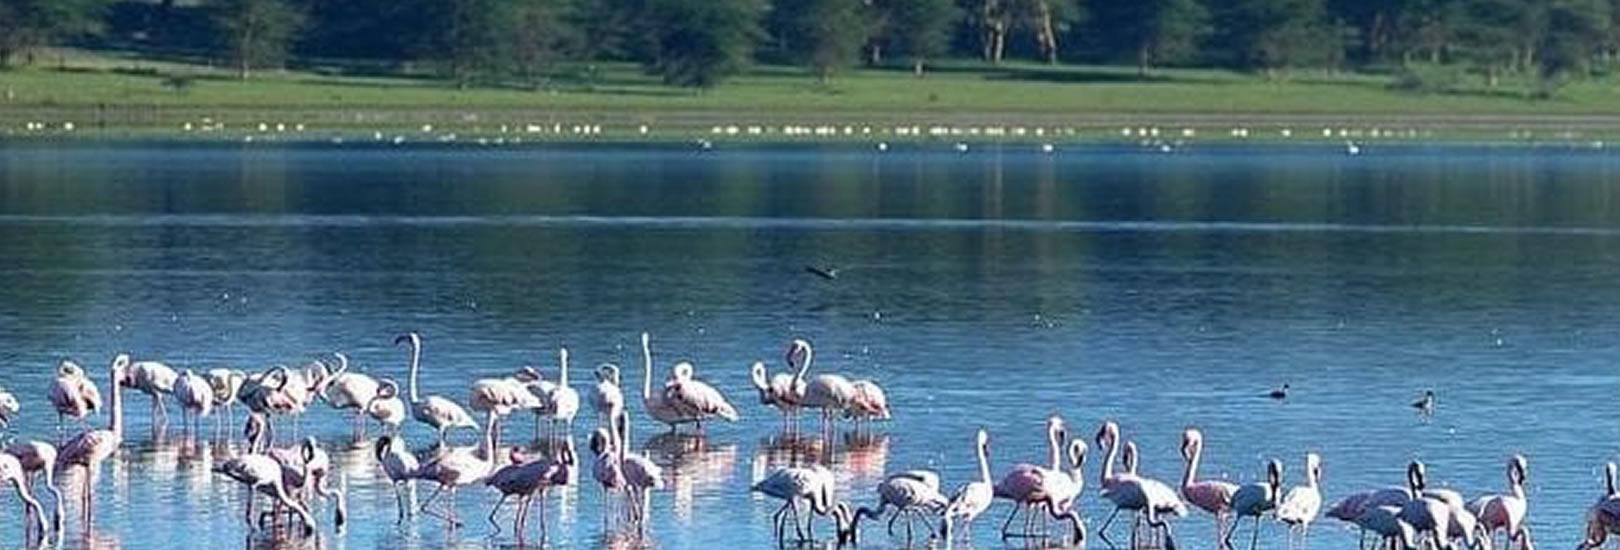 kenya safari_lake_naivasha